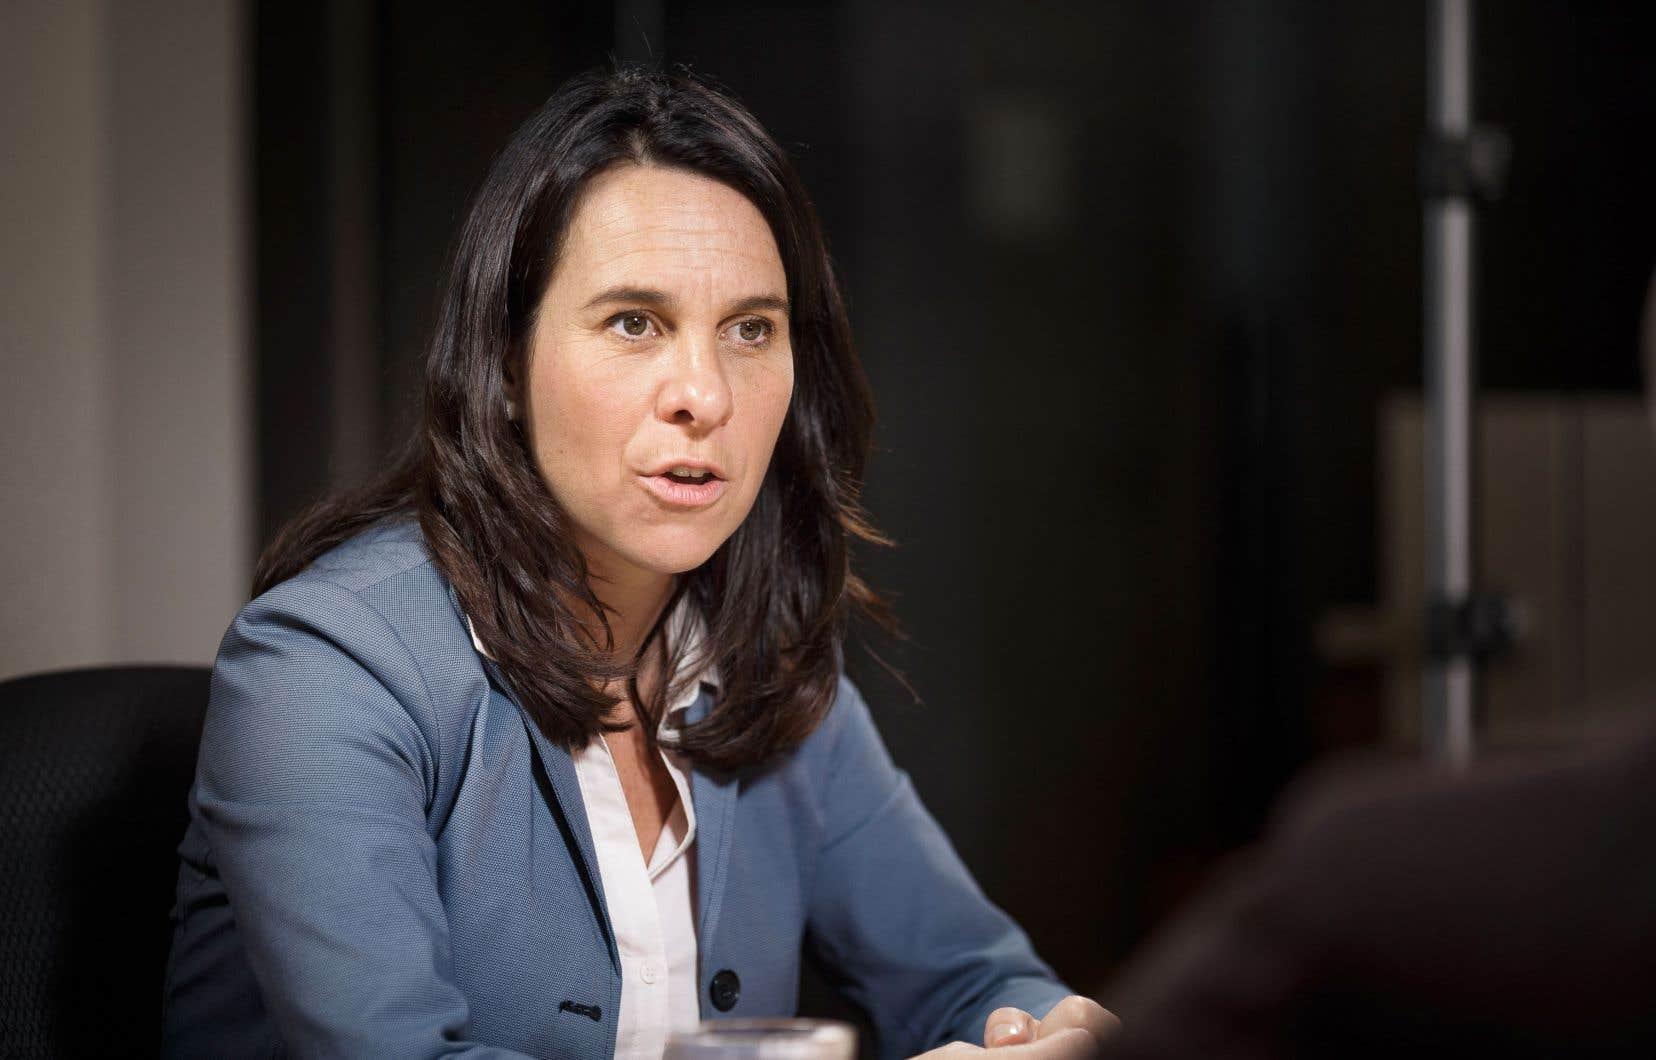 Valérie Plante, chef de Projet Montréal et candidate à la mairie, a pris part à une table éditoriale dans les bureaux du «Devoir», vendredi.